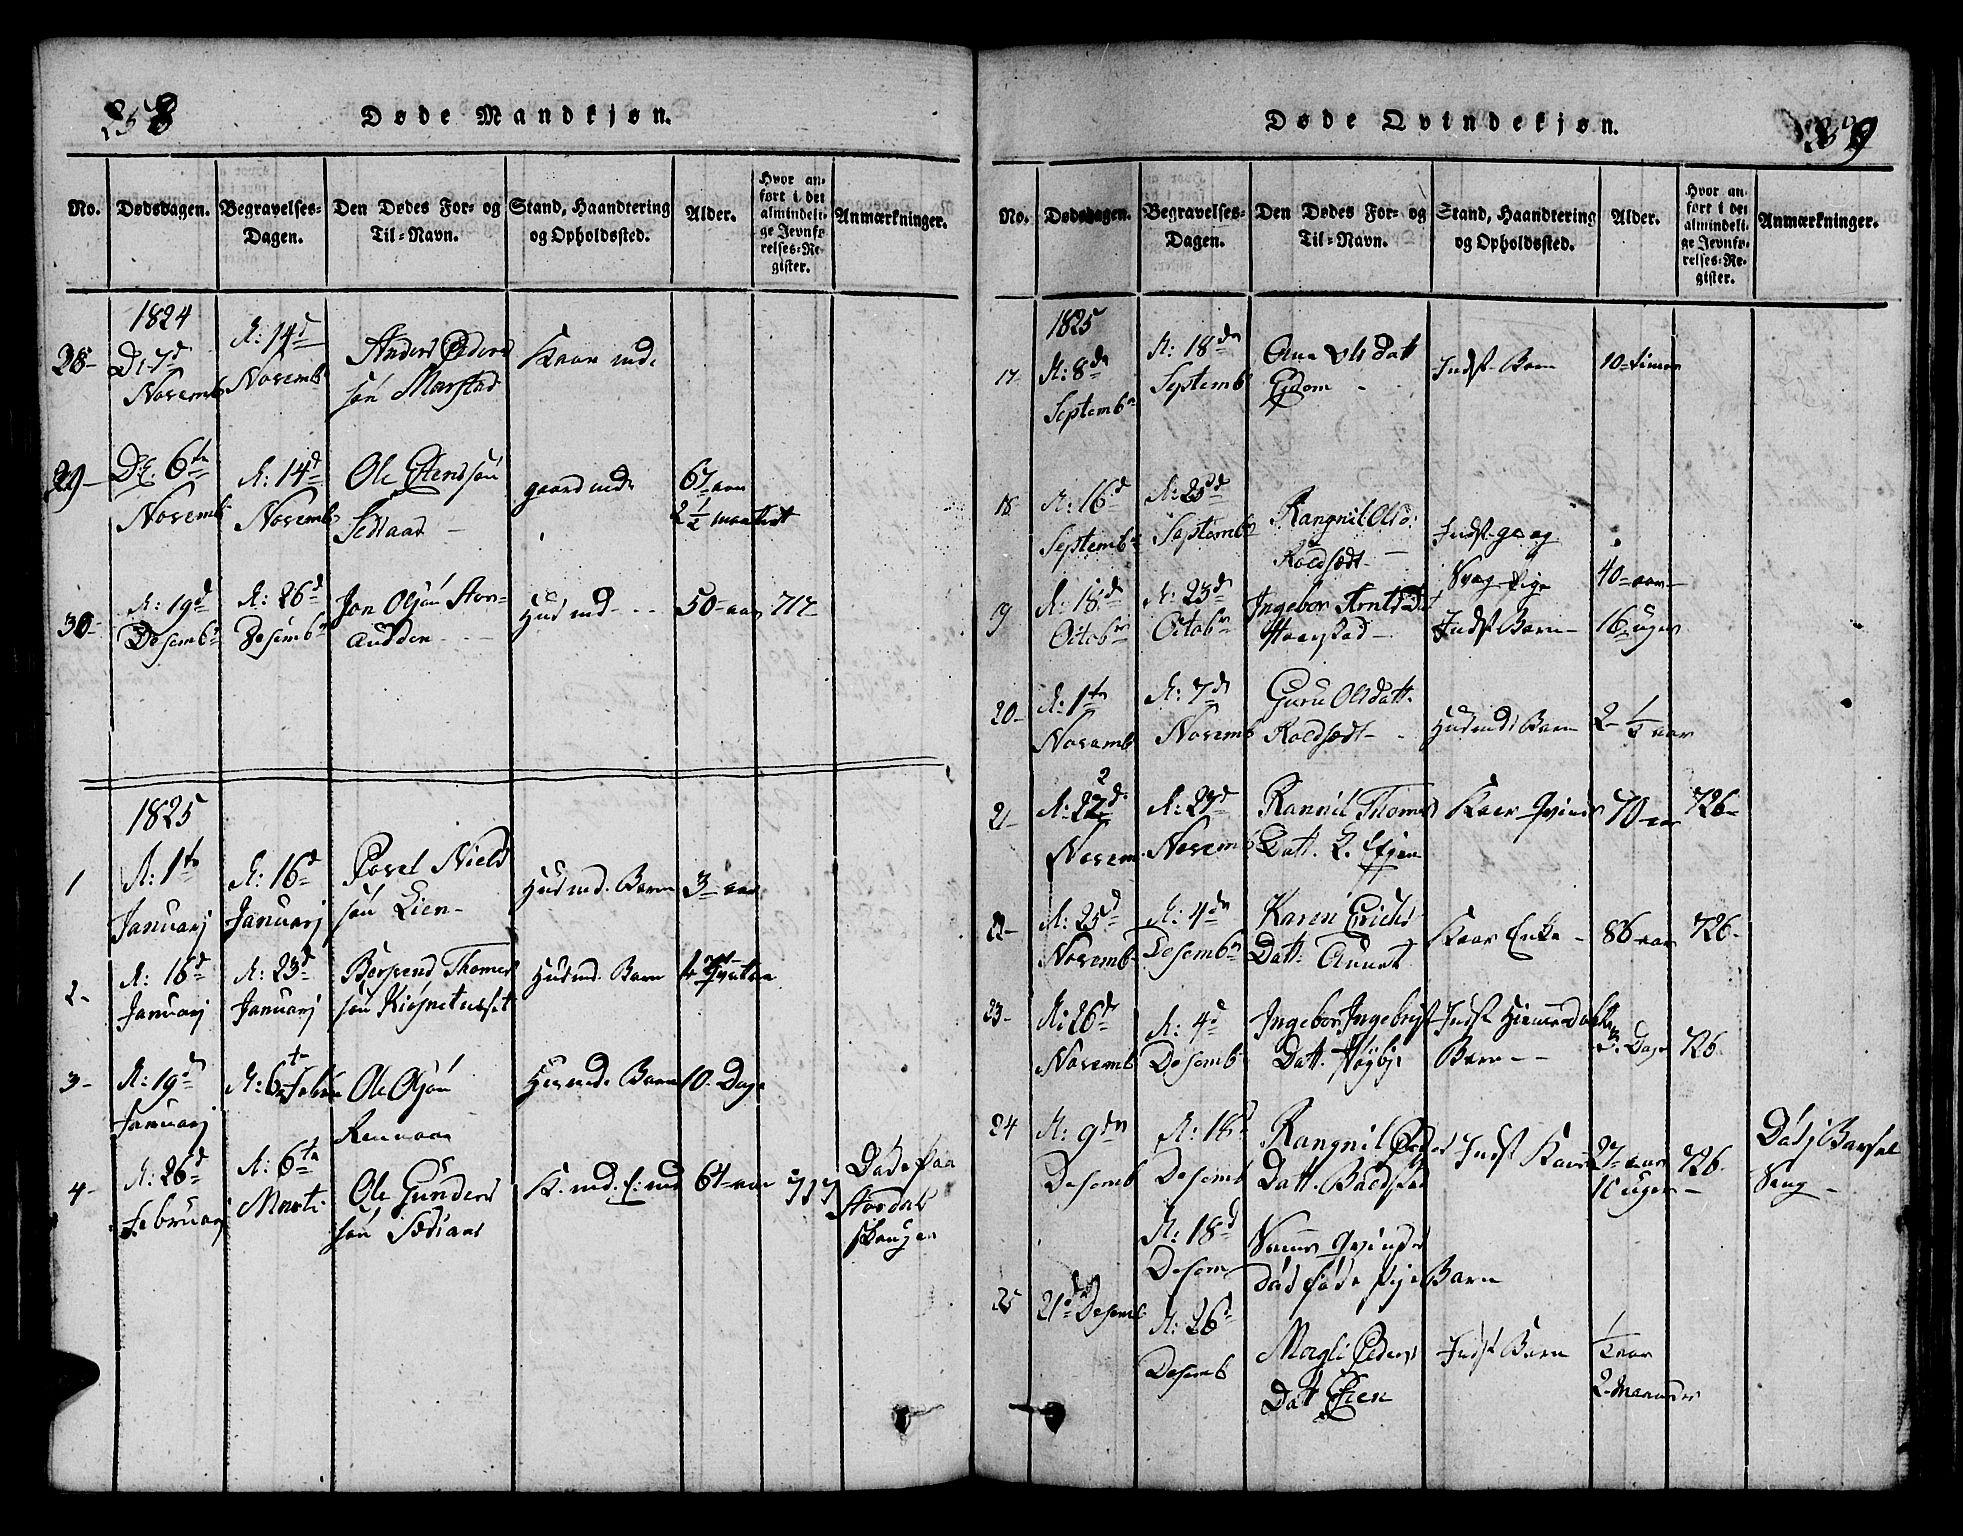 SAT, Ministerialprotokoller, klokkerbøker og fødselsregistre - Sør-Trøndelag, 695/L1152: Klokkerbok nr. 695C03, 1816-1831, s. 258-259